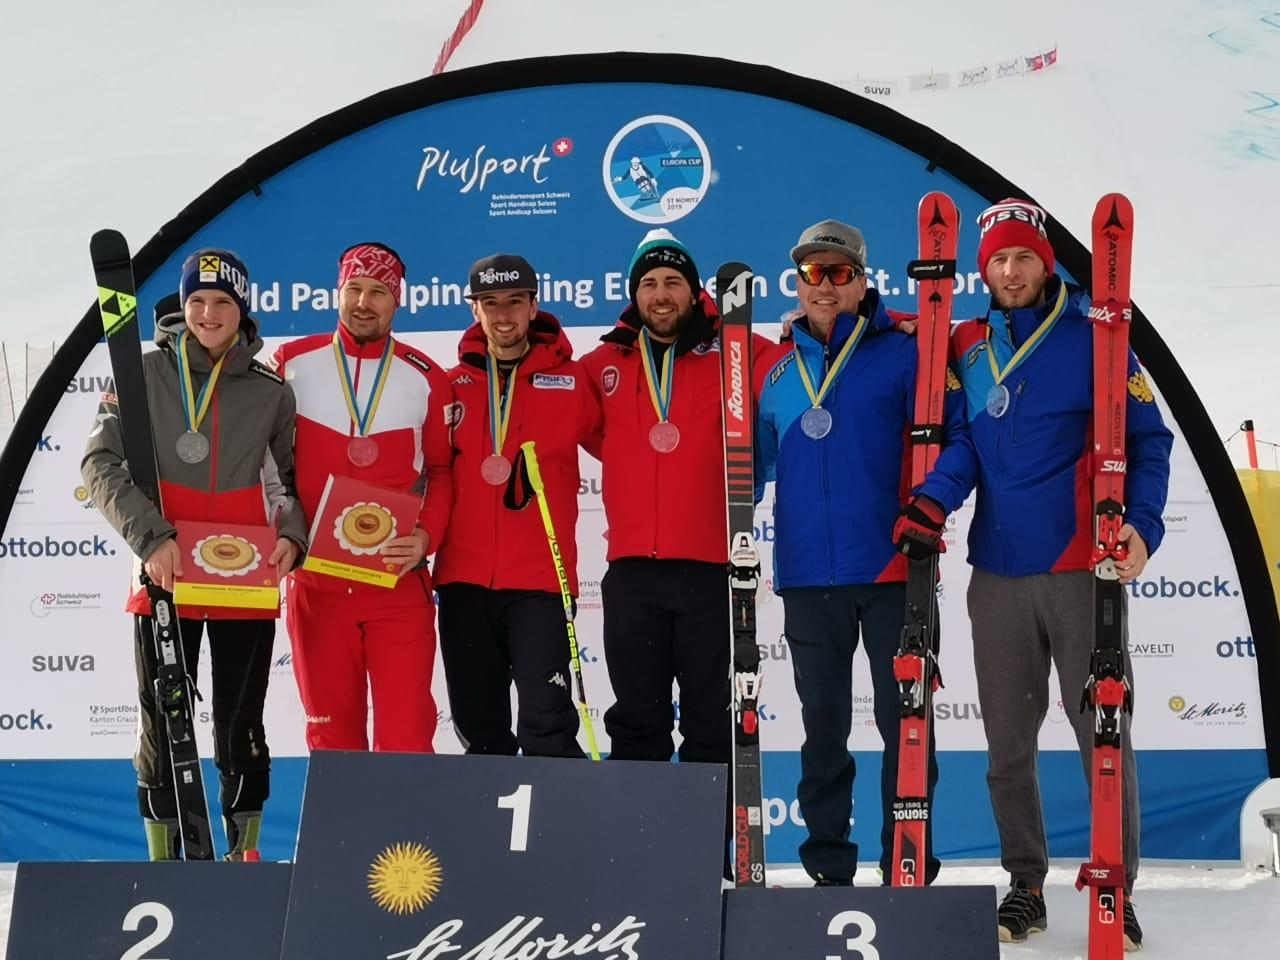 Сборная России по горнолыжному спорту слепых завоевала 1 золотую и 2 бронзовые медали на Кубке Европы в Швейцарии